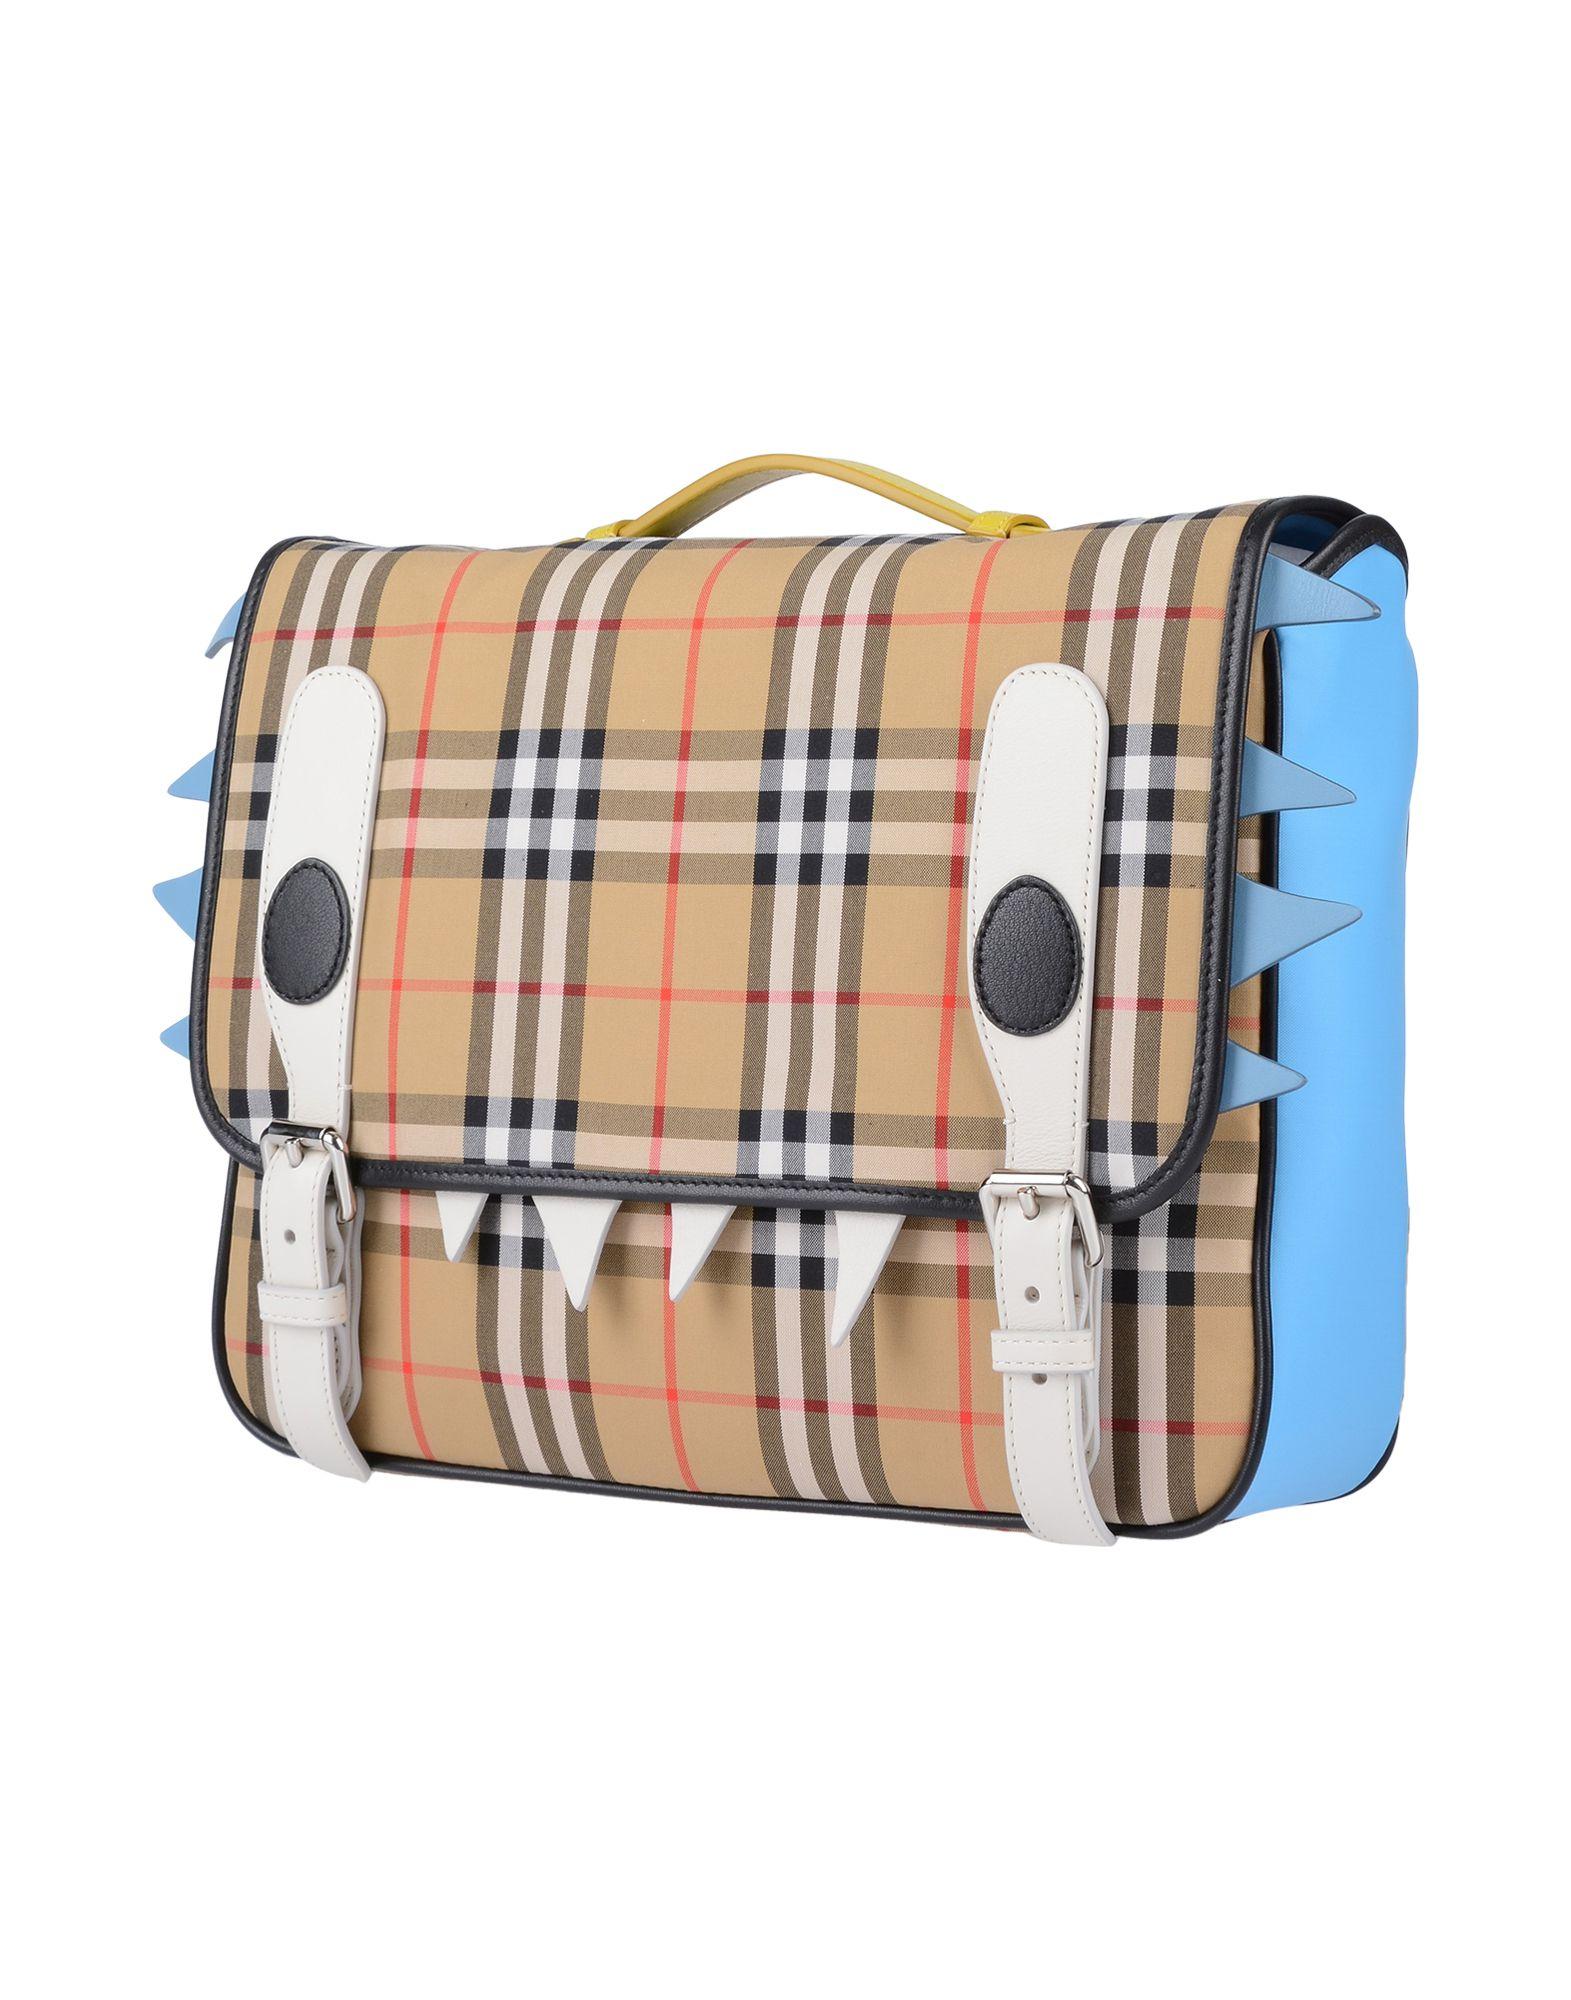 BURBERRY Рюкзаки и сумки на пояс новые мужские кожаные рюкзаки мягкие рюкзаки бизнес daypack рюкзак сумки